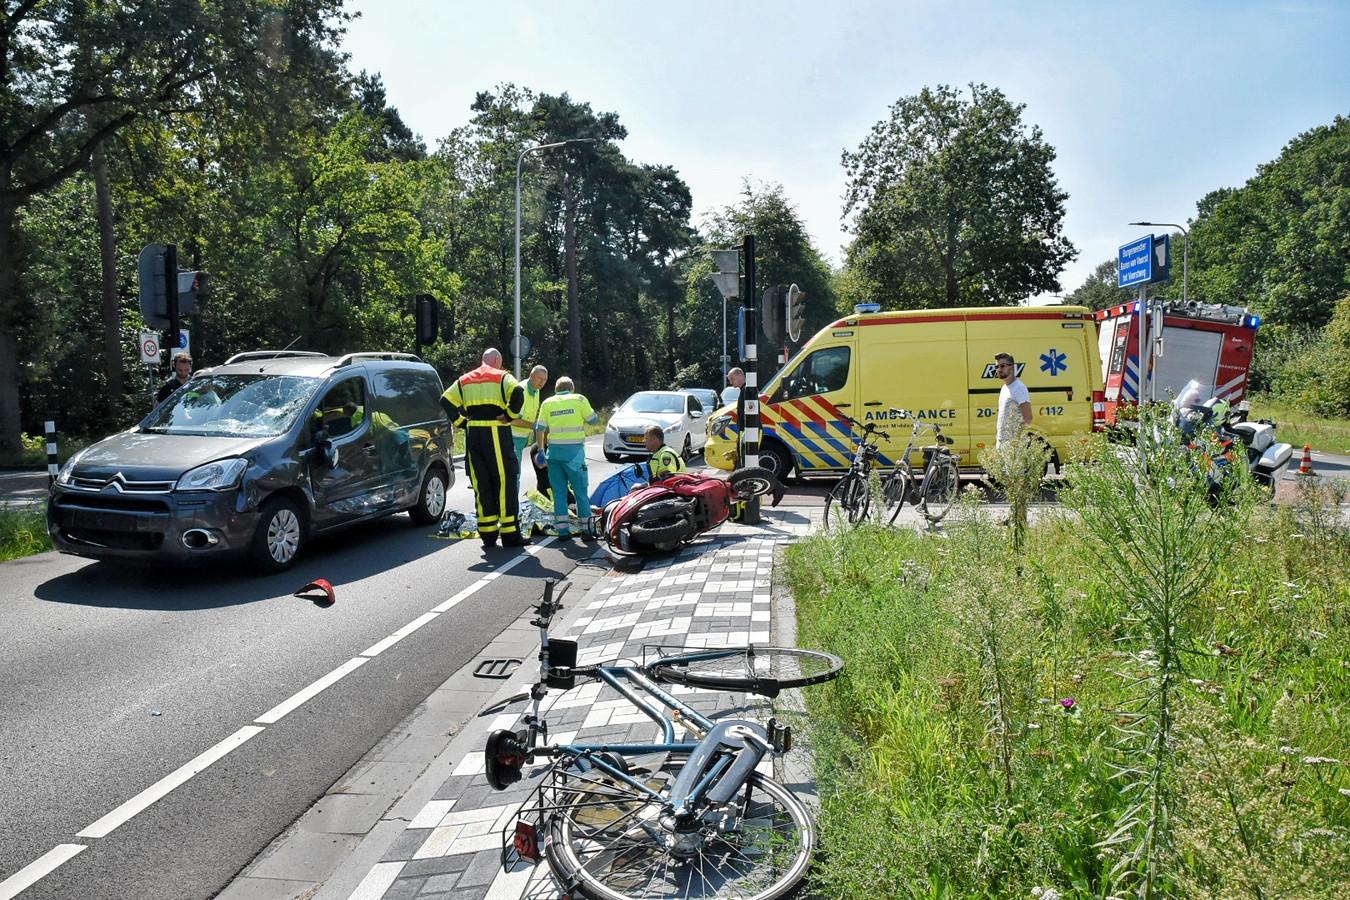 Ernstig ongeluk op de kruising van de Burgemeester Baron van Voorst tot Voorstweg met de Reeshofdijk in Tilburg.